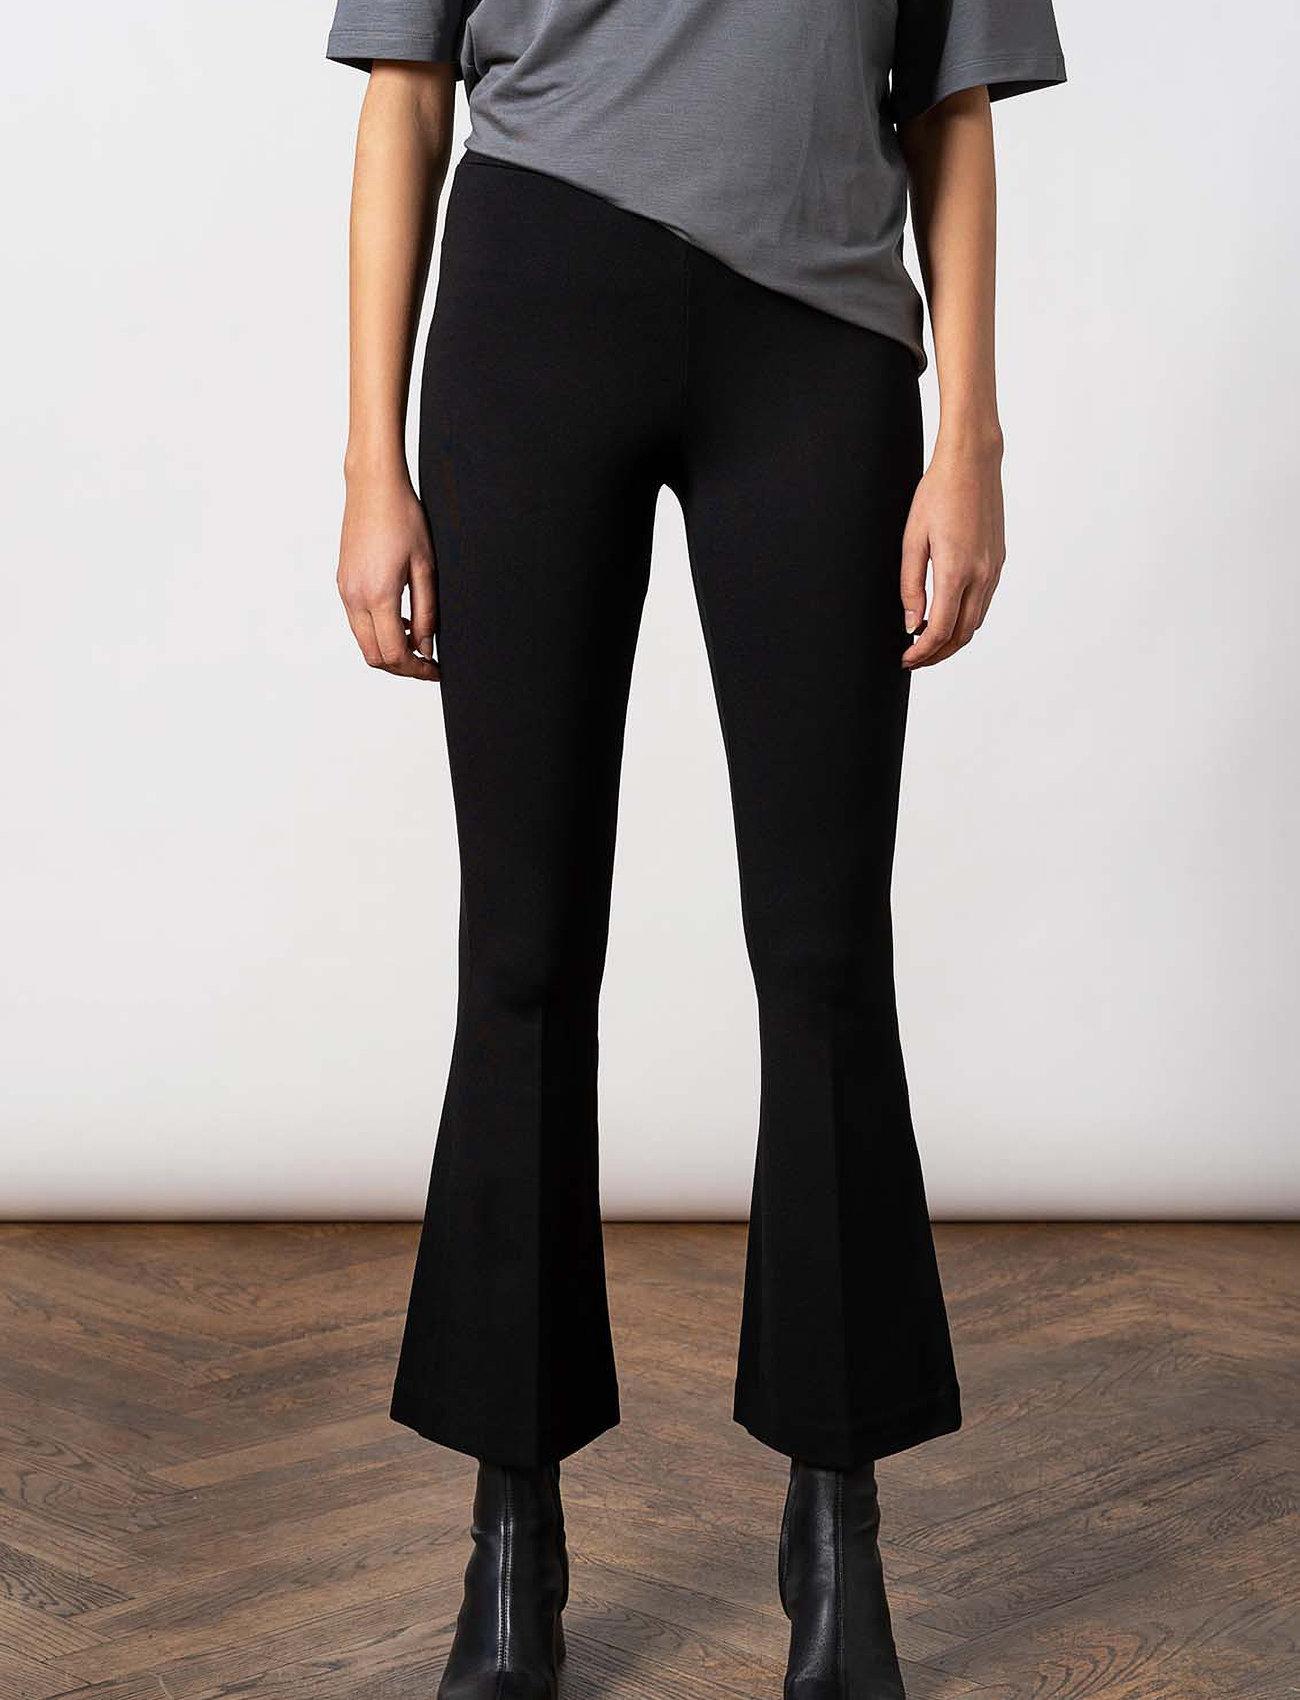 Residus - LANA FLARE PANT - vêtements - black - 0